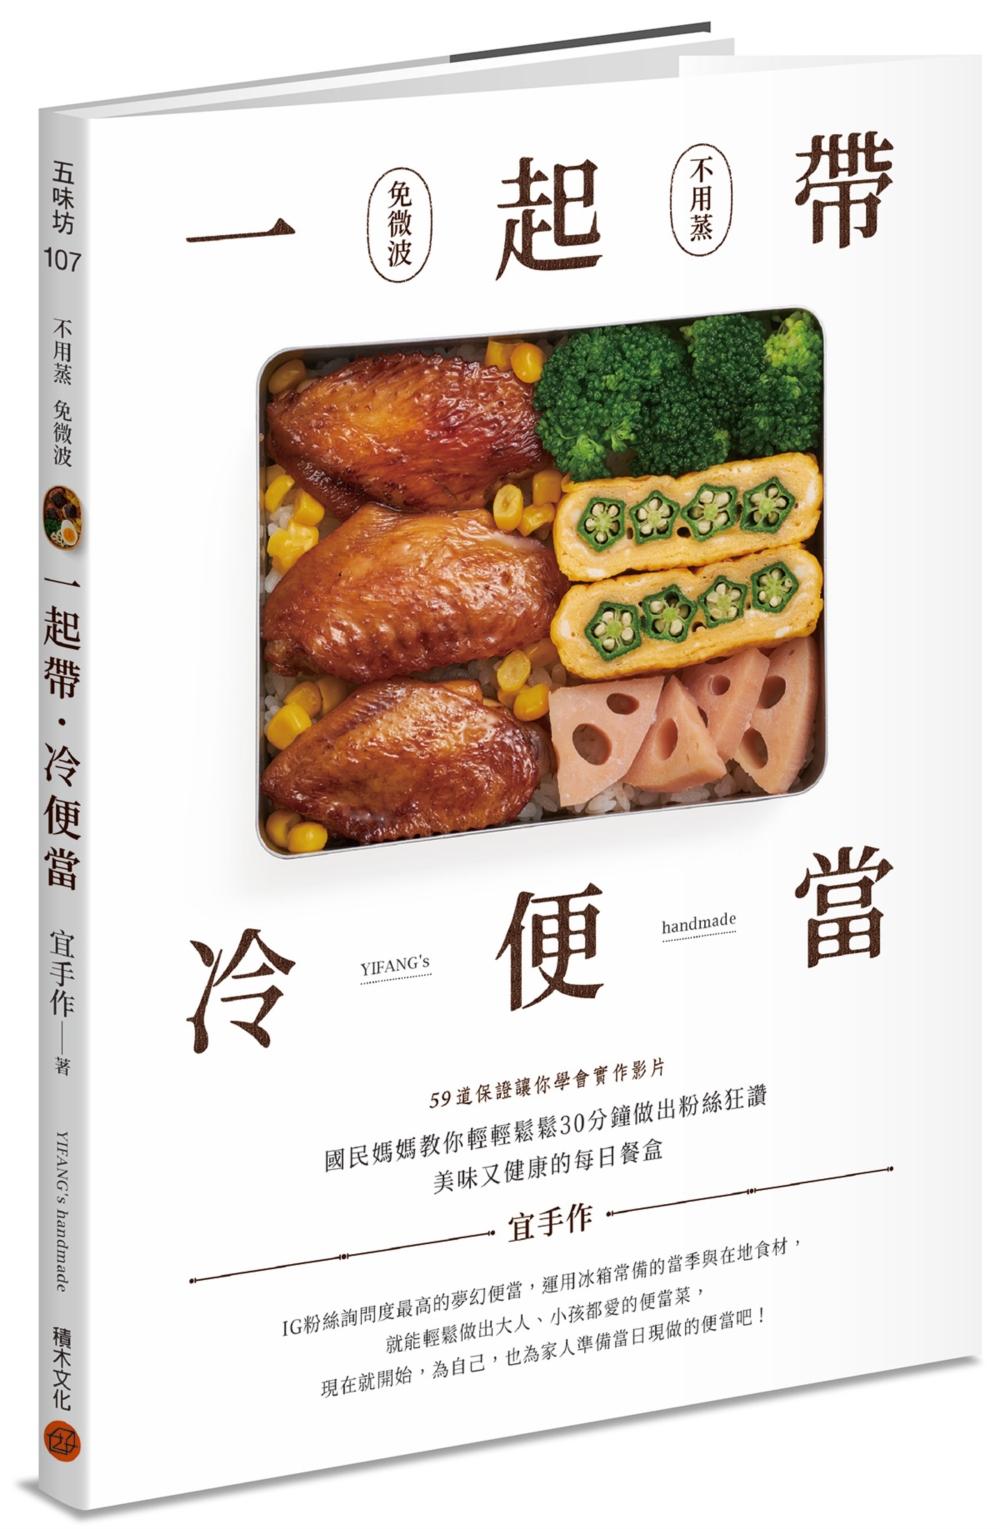 一起帶.冷便當:國民媽媽教你輕輕鬆鬆30分鐘,做出粉絲狂讚、美味又健康的每日餐盒